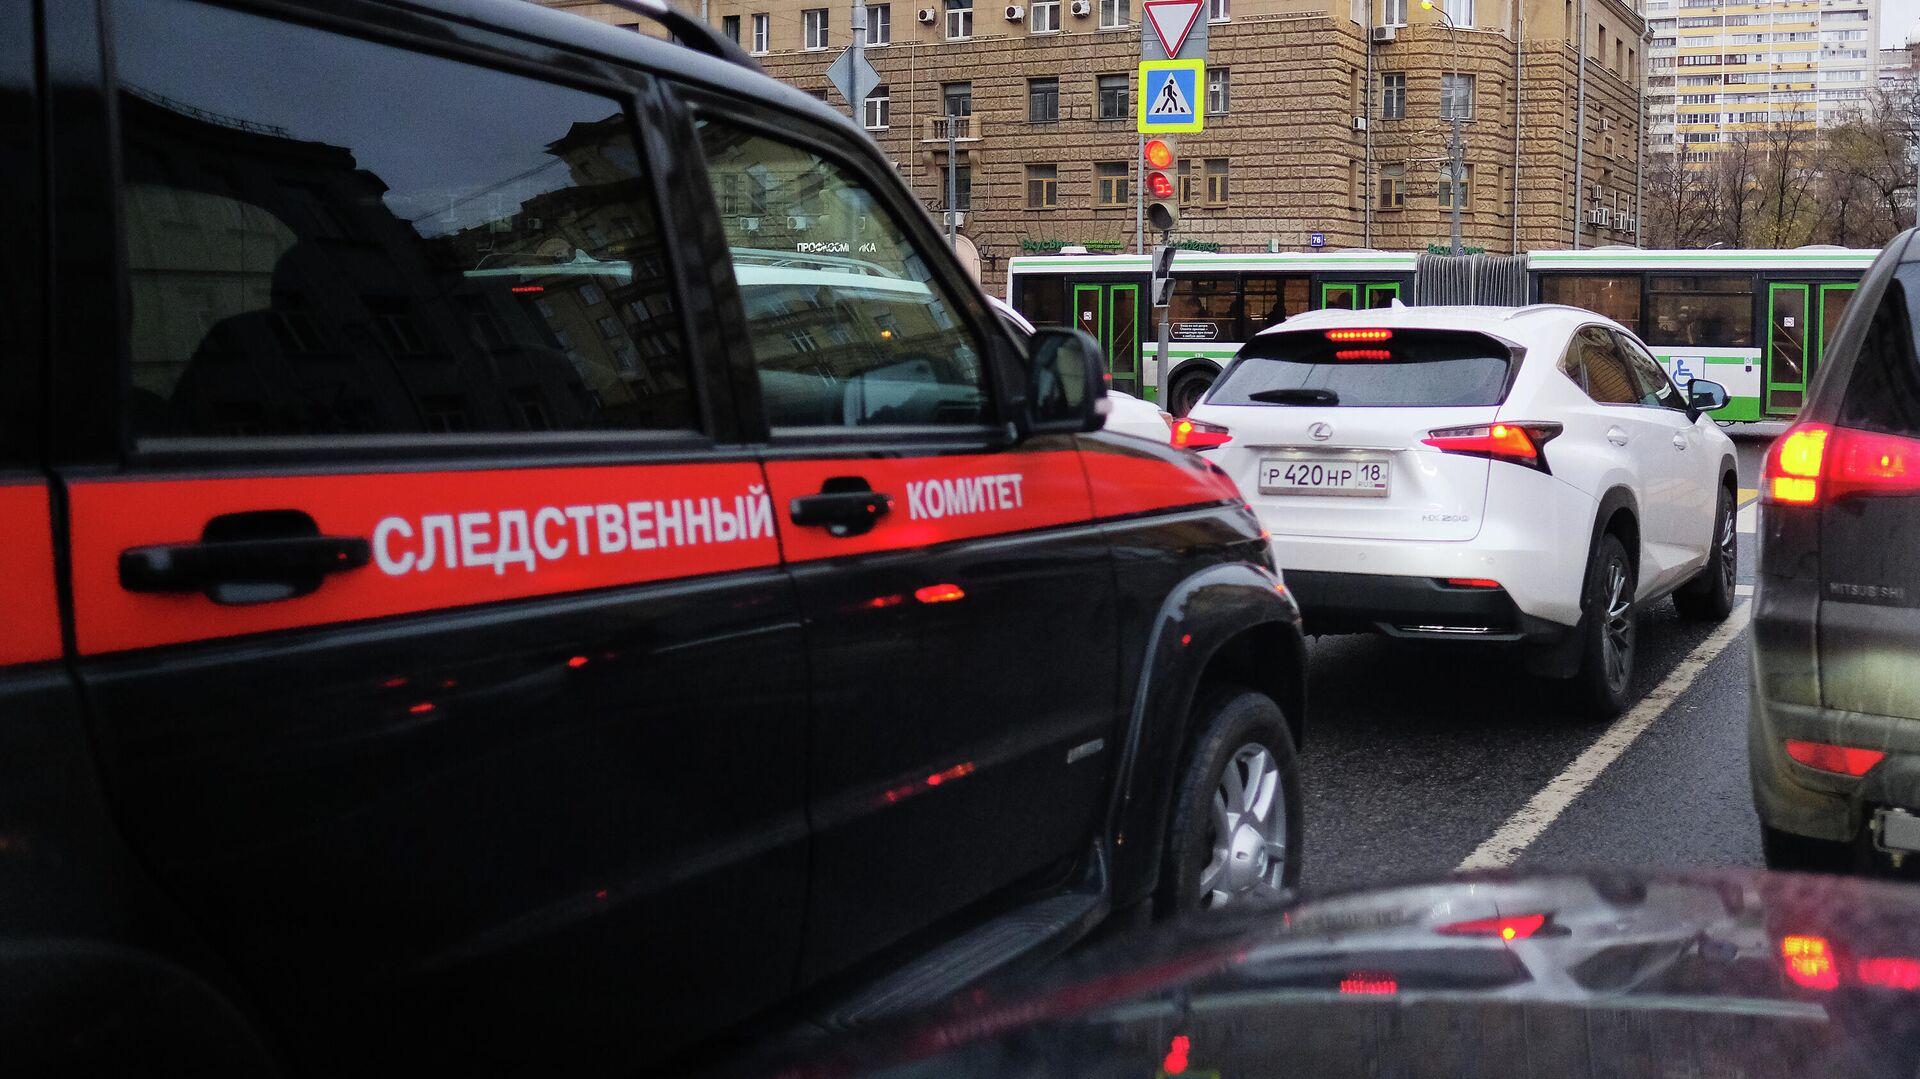 В Кузбассе обнаружили расчлененное тело девушки